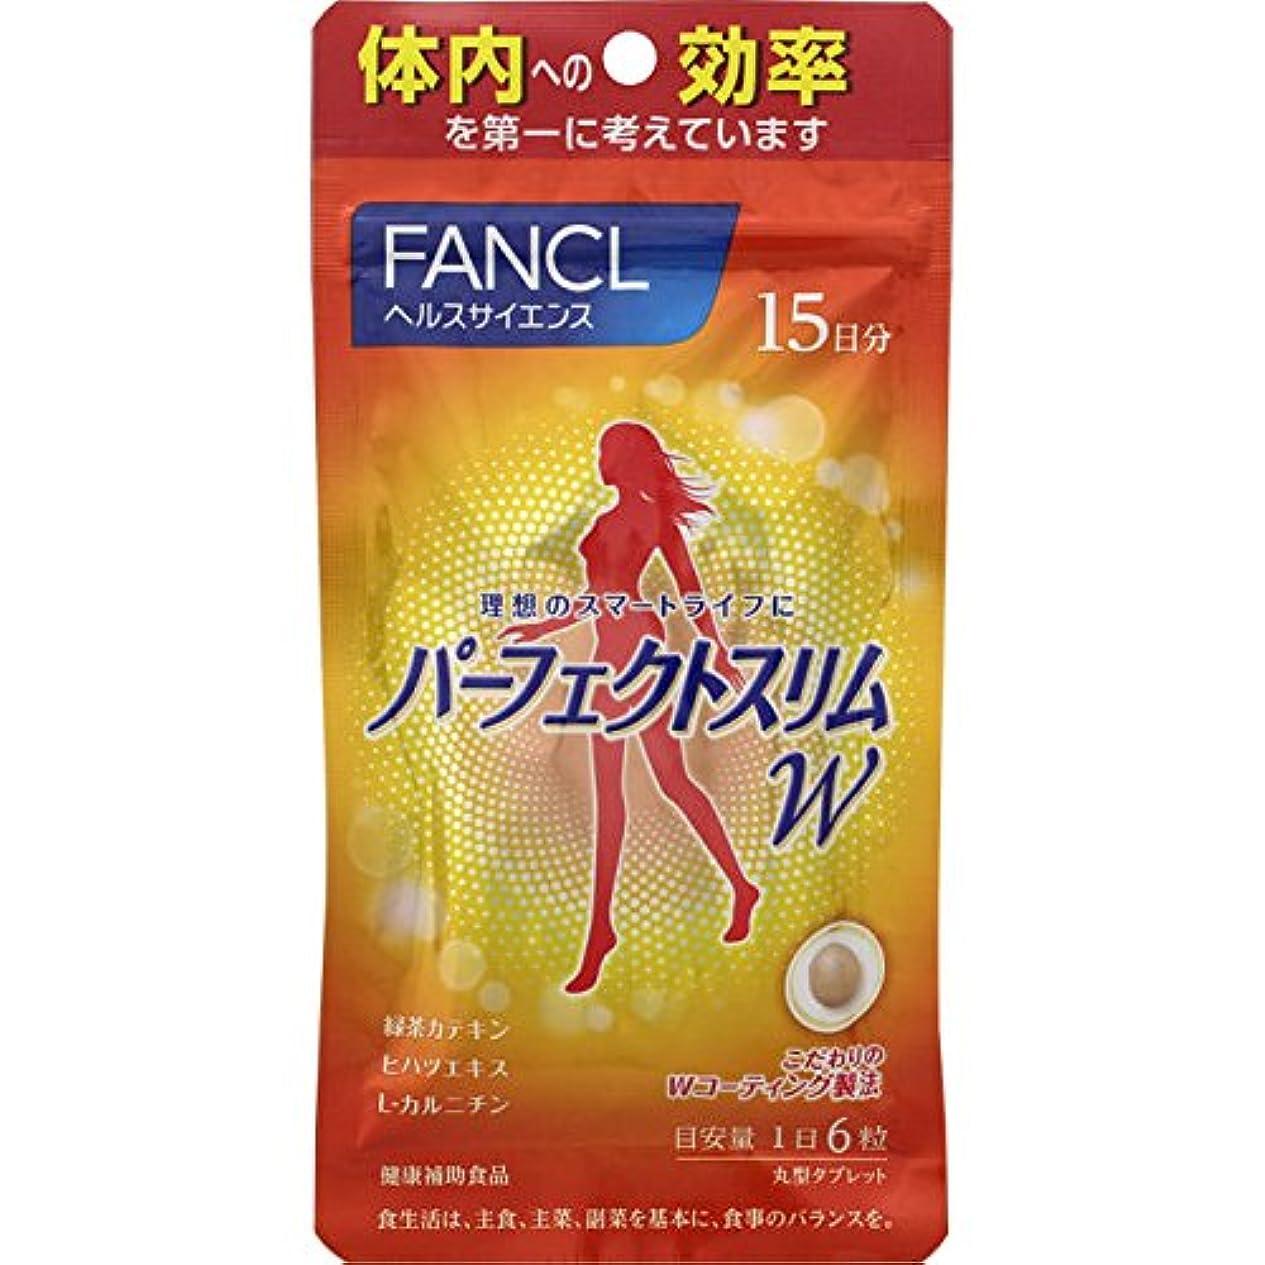 限定酔った主婦FANCL ファンケル パーフェクトスリム W 15日分 (90粒) 緑茶カテキン ヒハツエキス